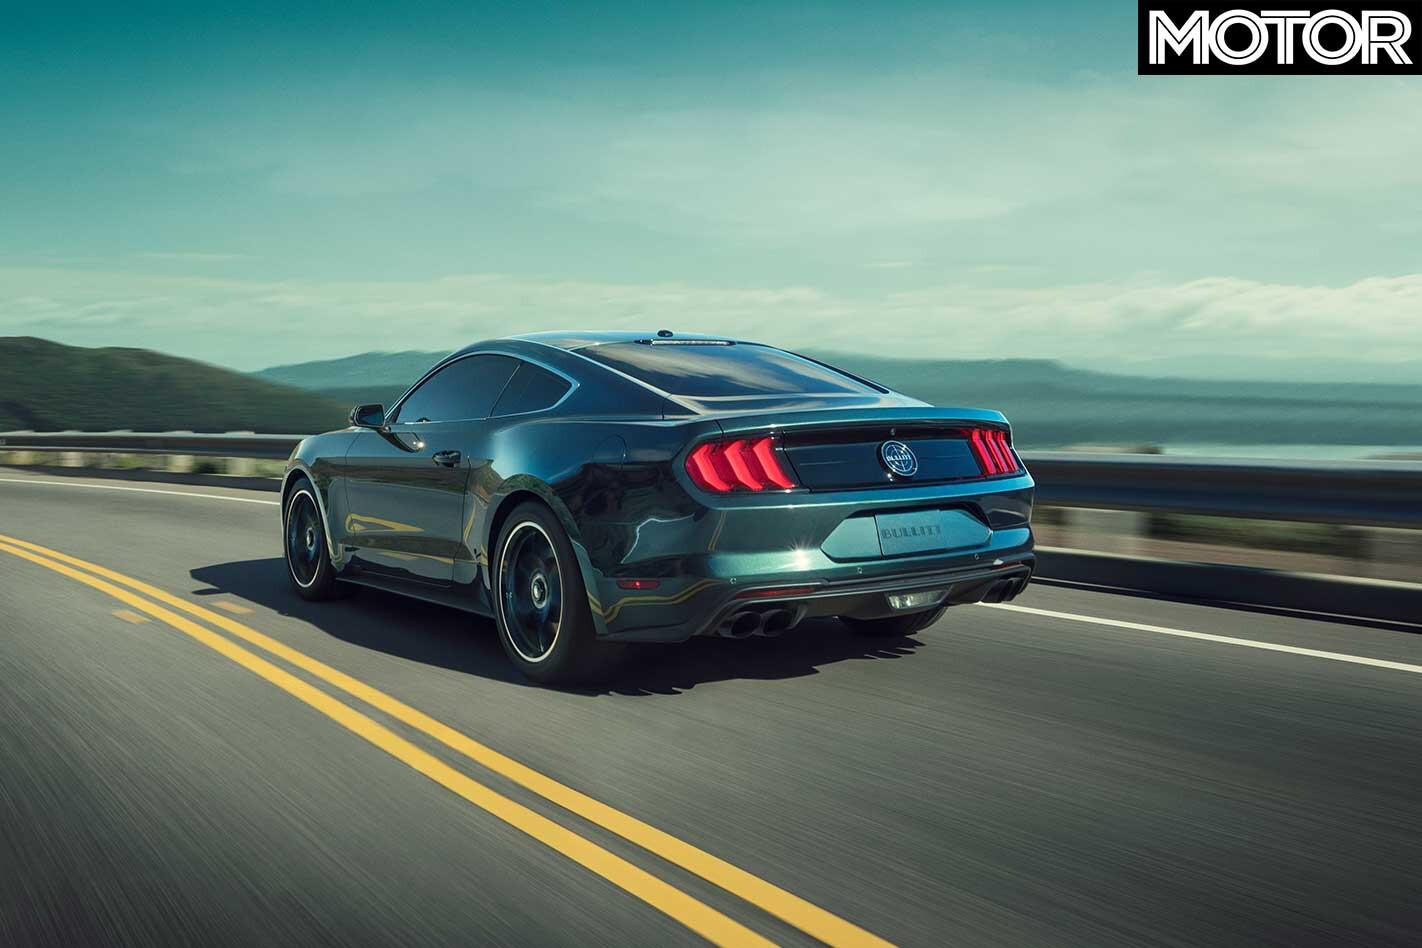 2018 Ford Mustang Bullitt Rear Handling Jpg